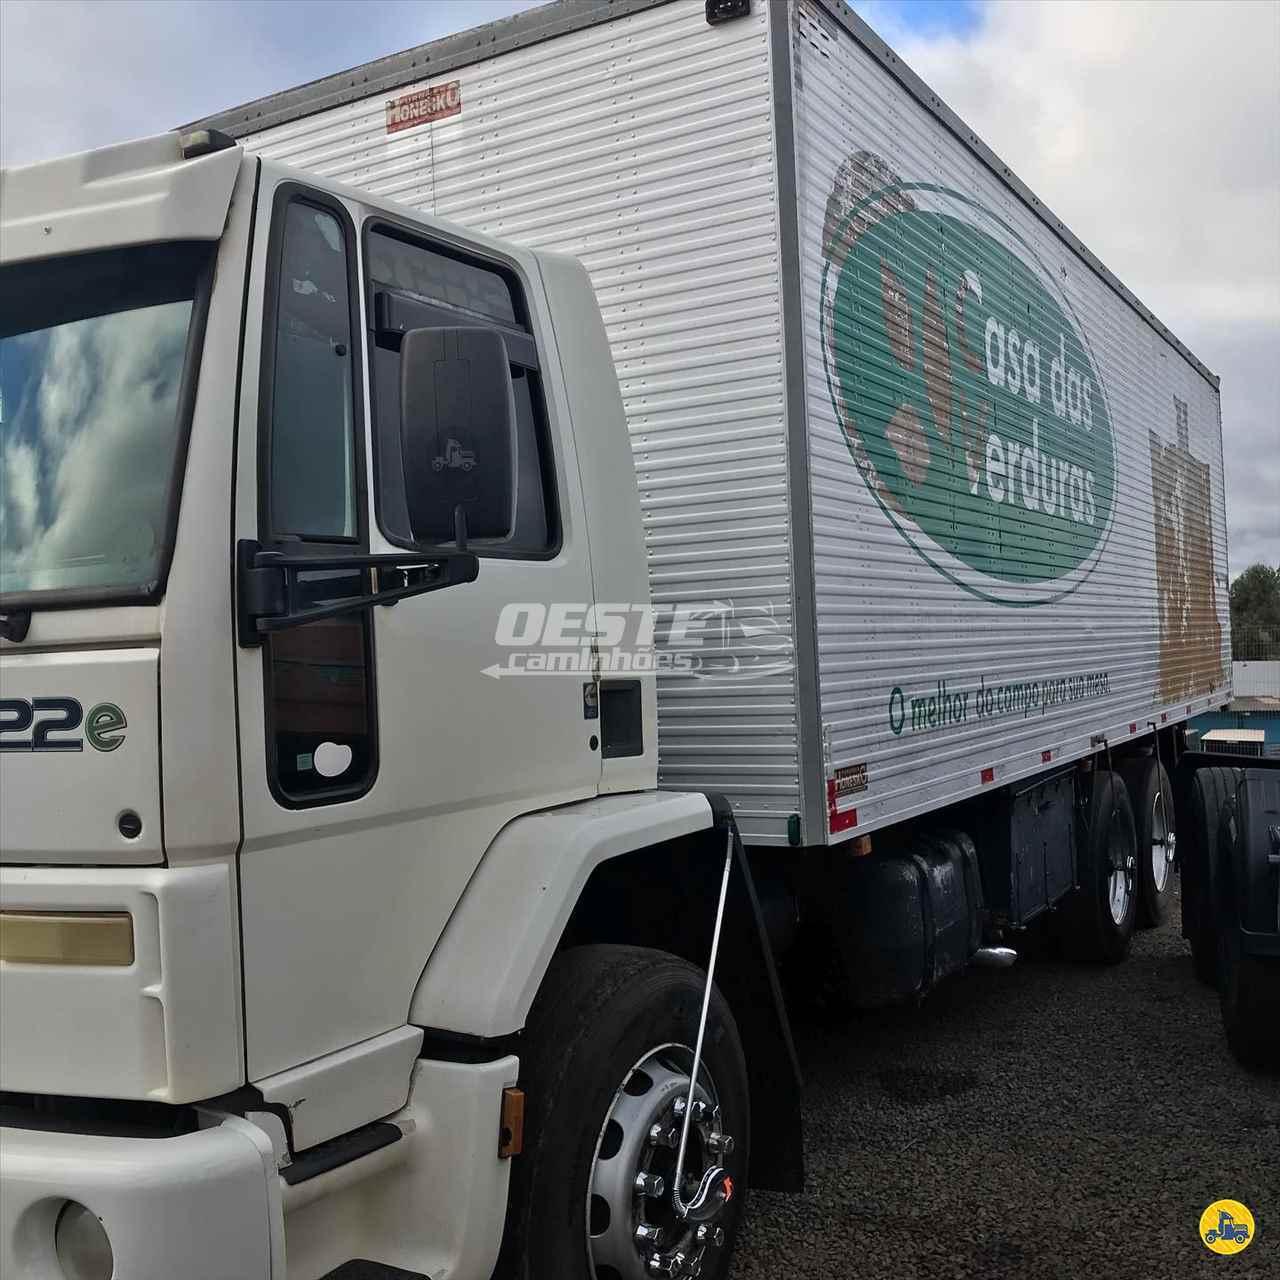 CAMINHAO FORD CARGO 2322 Baú Furgão Truck 6x2 Oeste Caminhões  CORDILHEIRA ALTA SANTA CATARINA SC